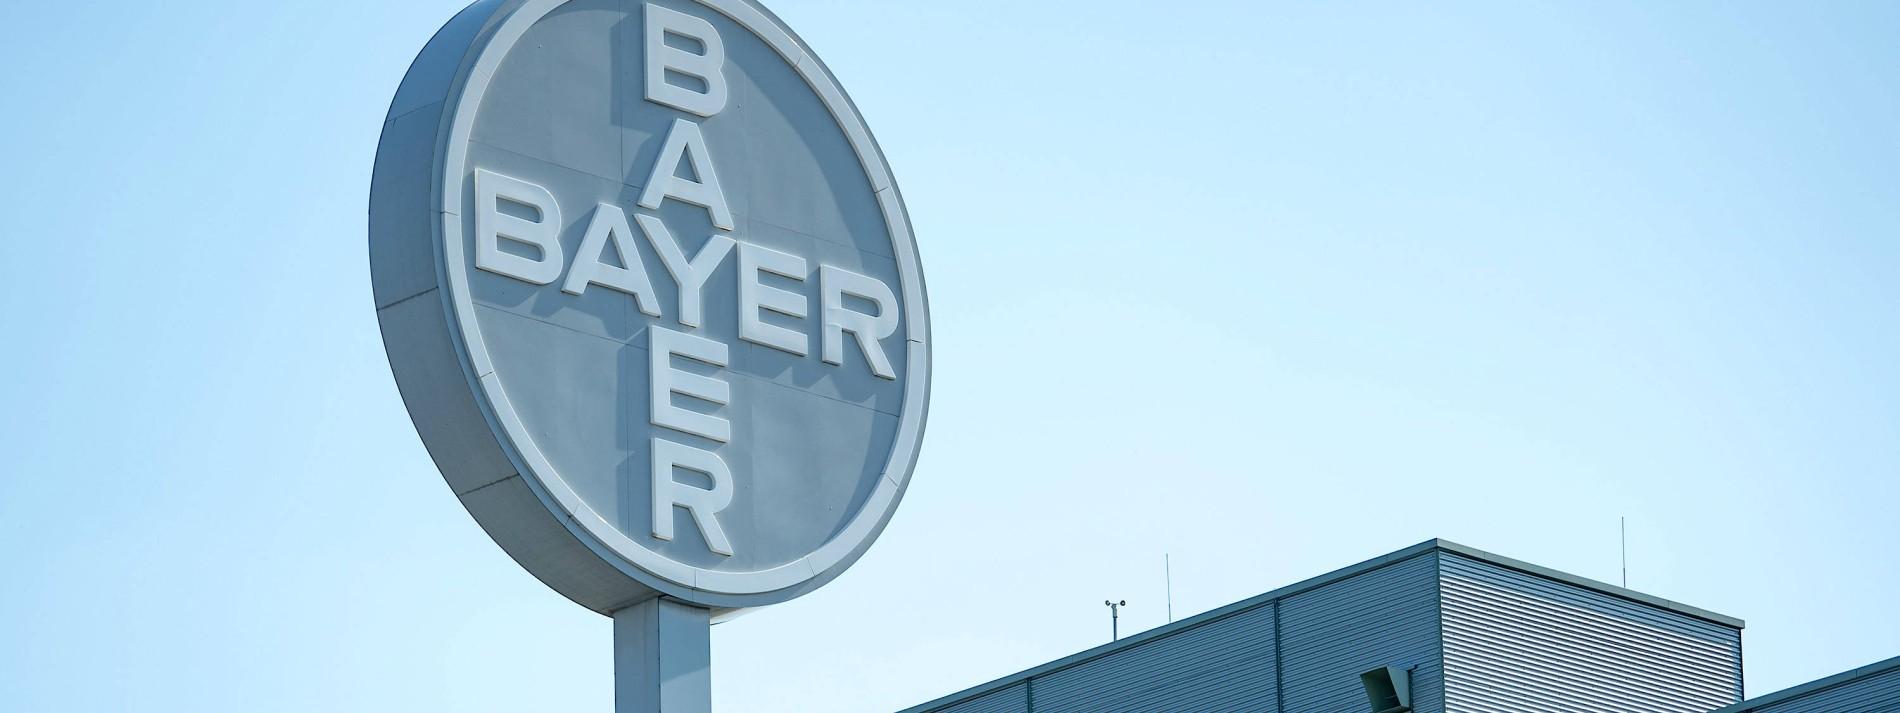 Bayers Balanceakt um die Reputation